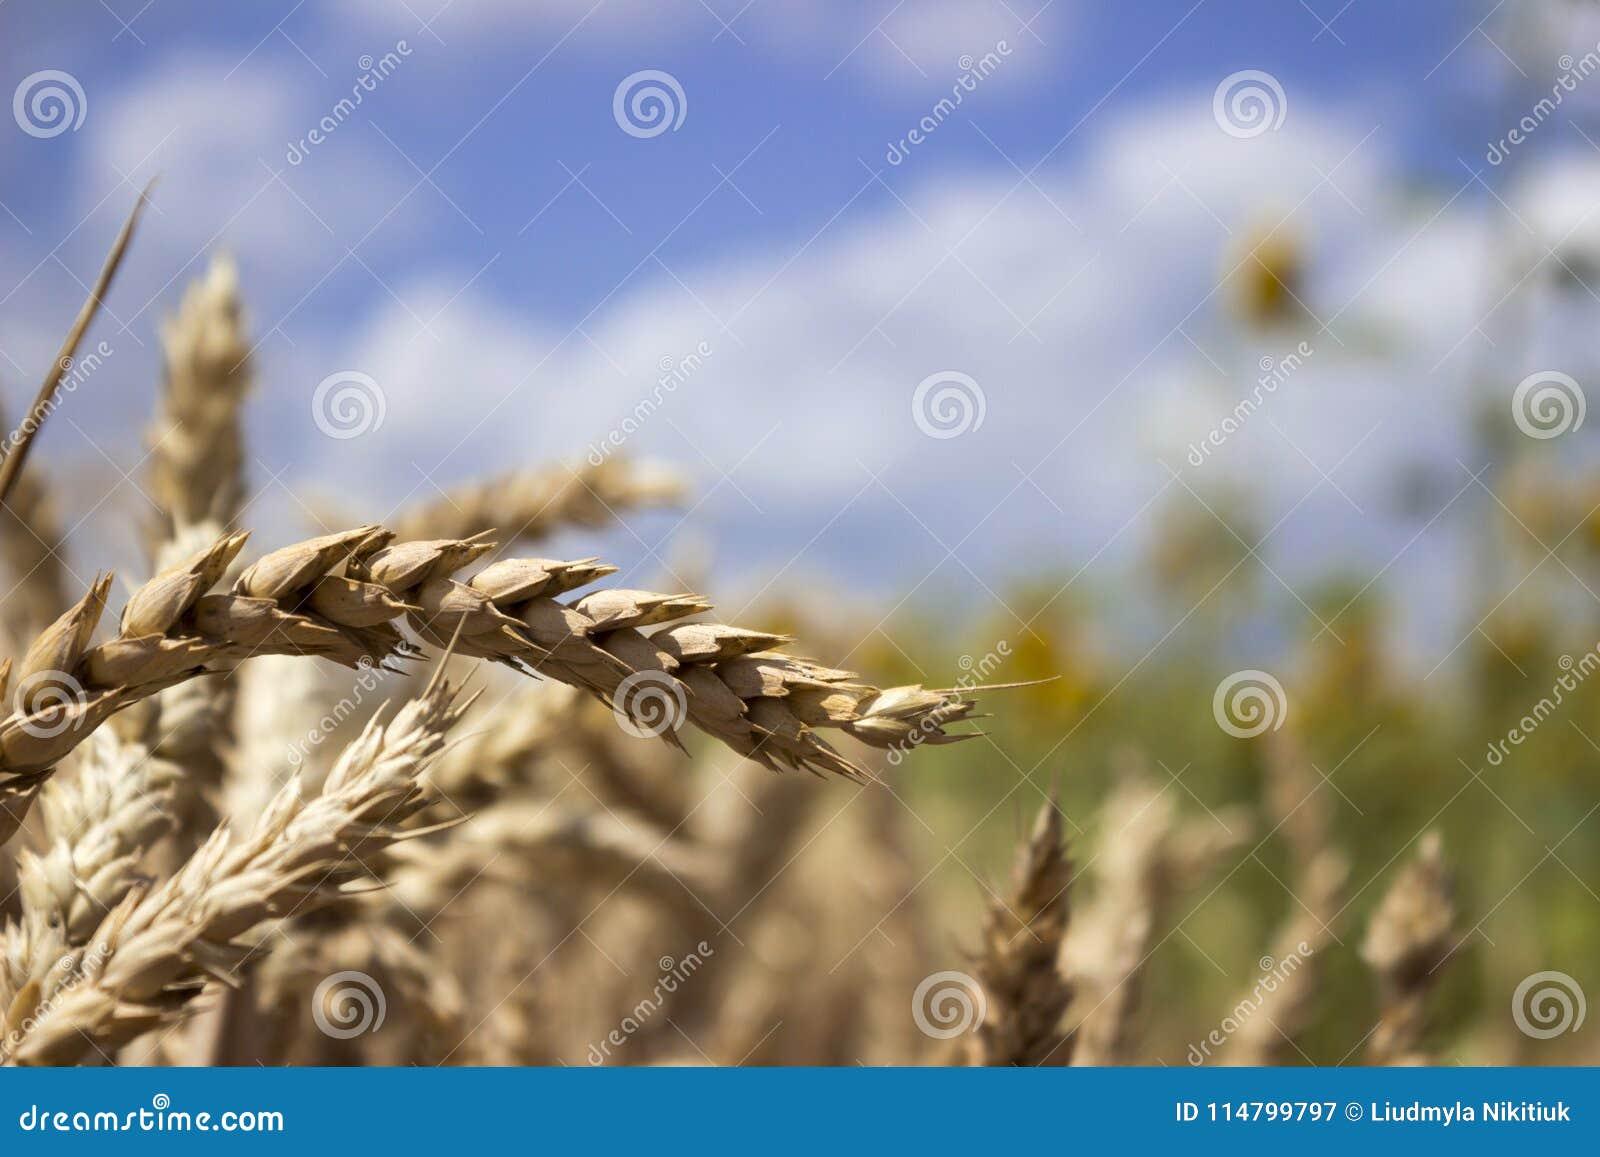 反对蓝天的成熟麦田,晴朗的夏日 峰值